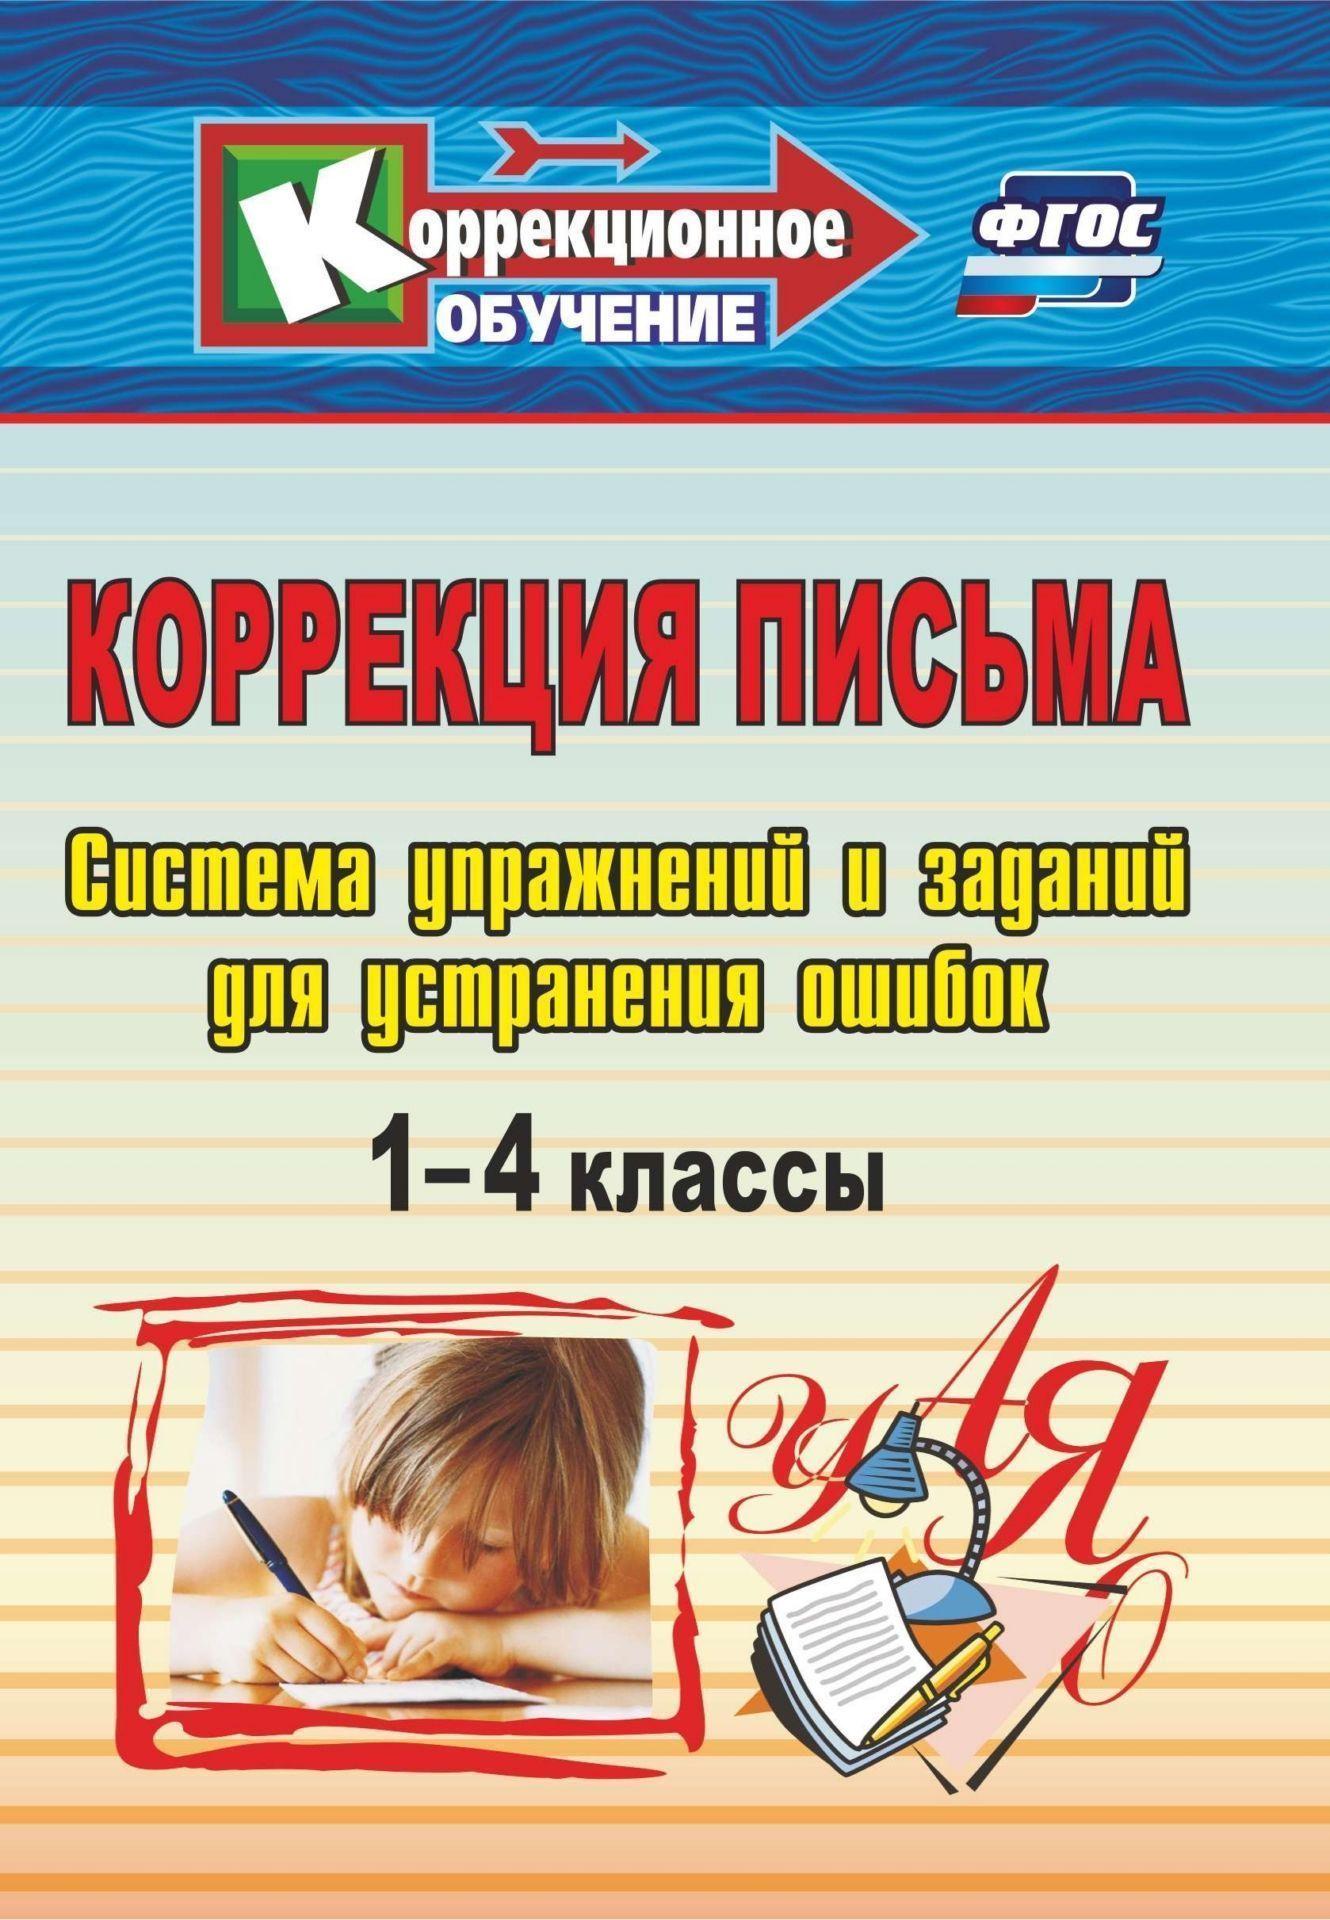 Коррекция письма на уроках. 1-4 классы. - Вып. 2Коррекционное обучение<br>Устная и письменная речь ребенка является средством получения и выражения знаний. Разнообразные речевые задания и упражнения, представленные в данном пособии, направлены на коррекцию ошибок, обусловленных несформированностью фонематического слуха младших ...<br><br>Авторы: Зубарева Л. В.<br>Год: 2008<br>Серия: Коррекционное обучение<br>ISBN: 978-5-7057-1633-3<br>Высота: 195<br>Ширина: 140<br>Толщина: 5